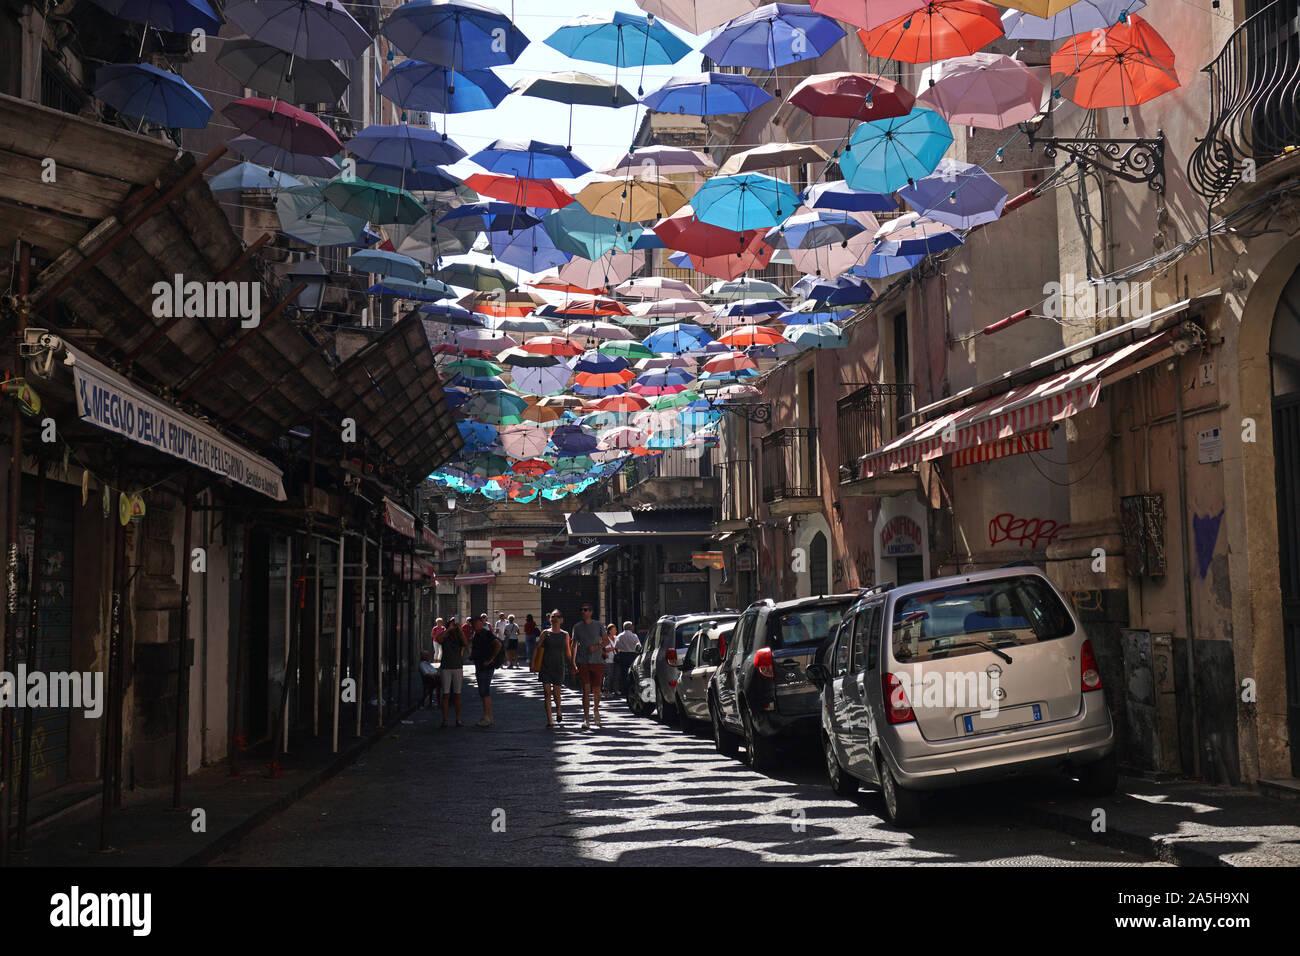 Les parasols colorés de la Umbrella Sky dans le projet Via Gisira et Via Pardo, Catane, Sicly, Italie, Banque D'Images